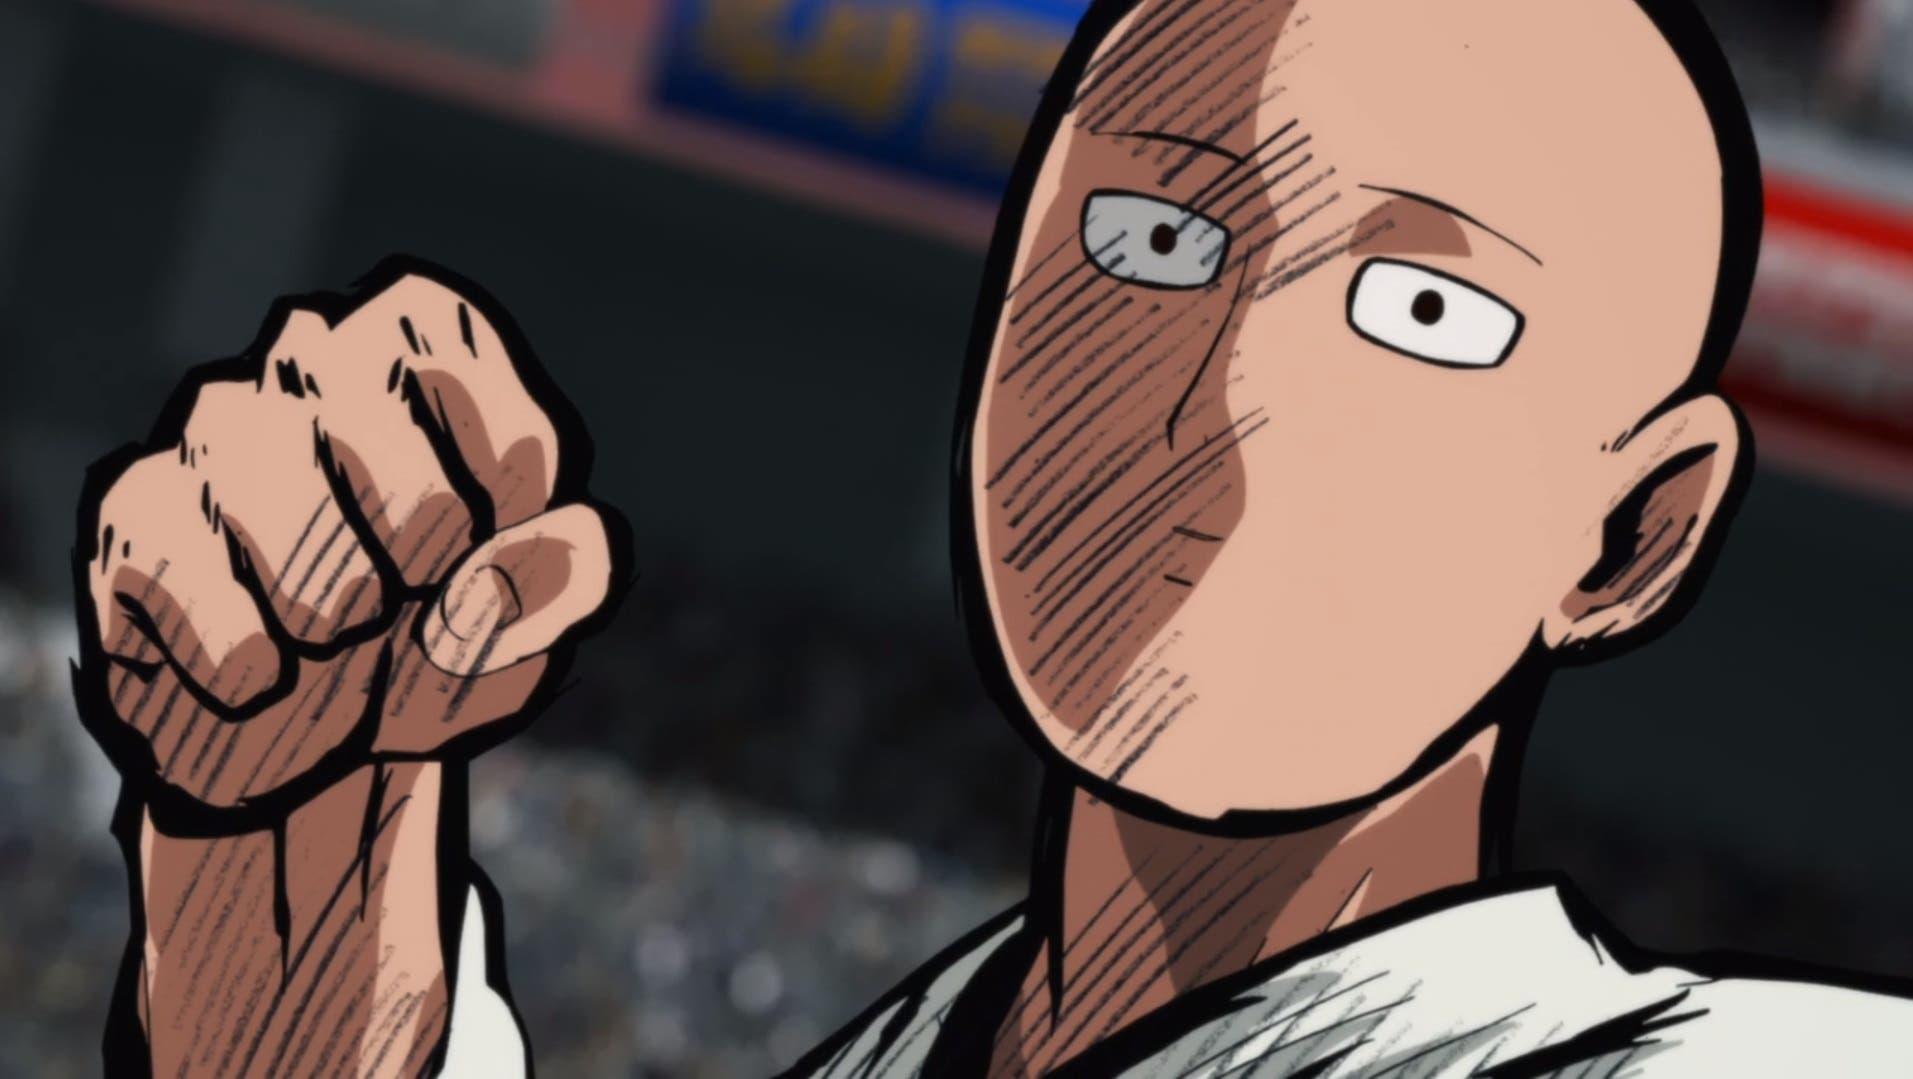 Imagen de Crítica del episodio 7 de One Punch Man 2: Saitama y el mundo